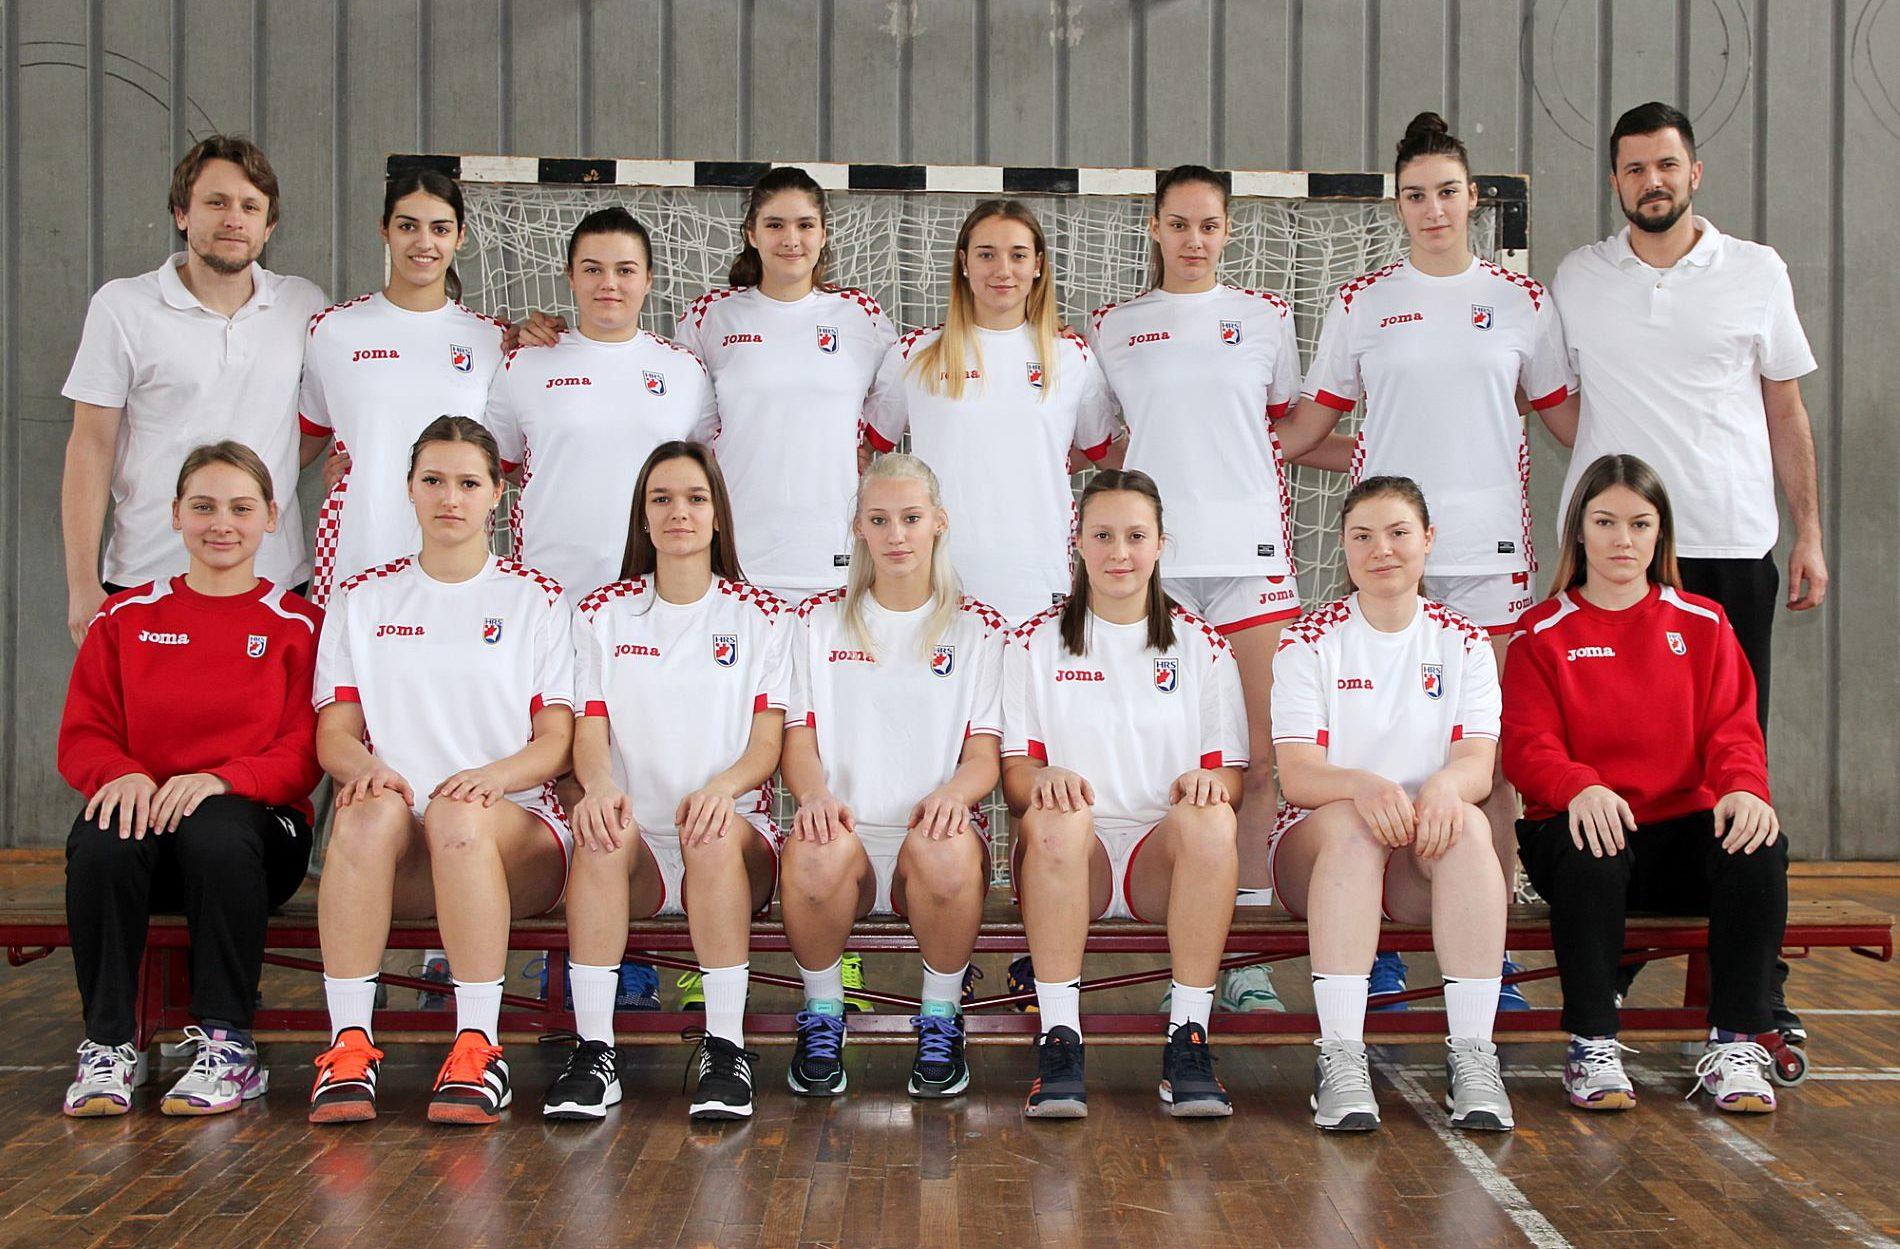 Hrvatski srednjoškolci otputovali na 24. Svjetsko školsko rukometno prvenstvo u Dohi